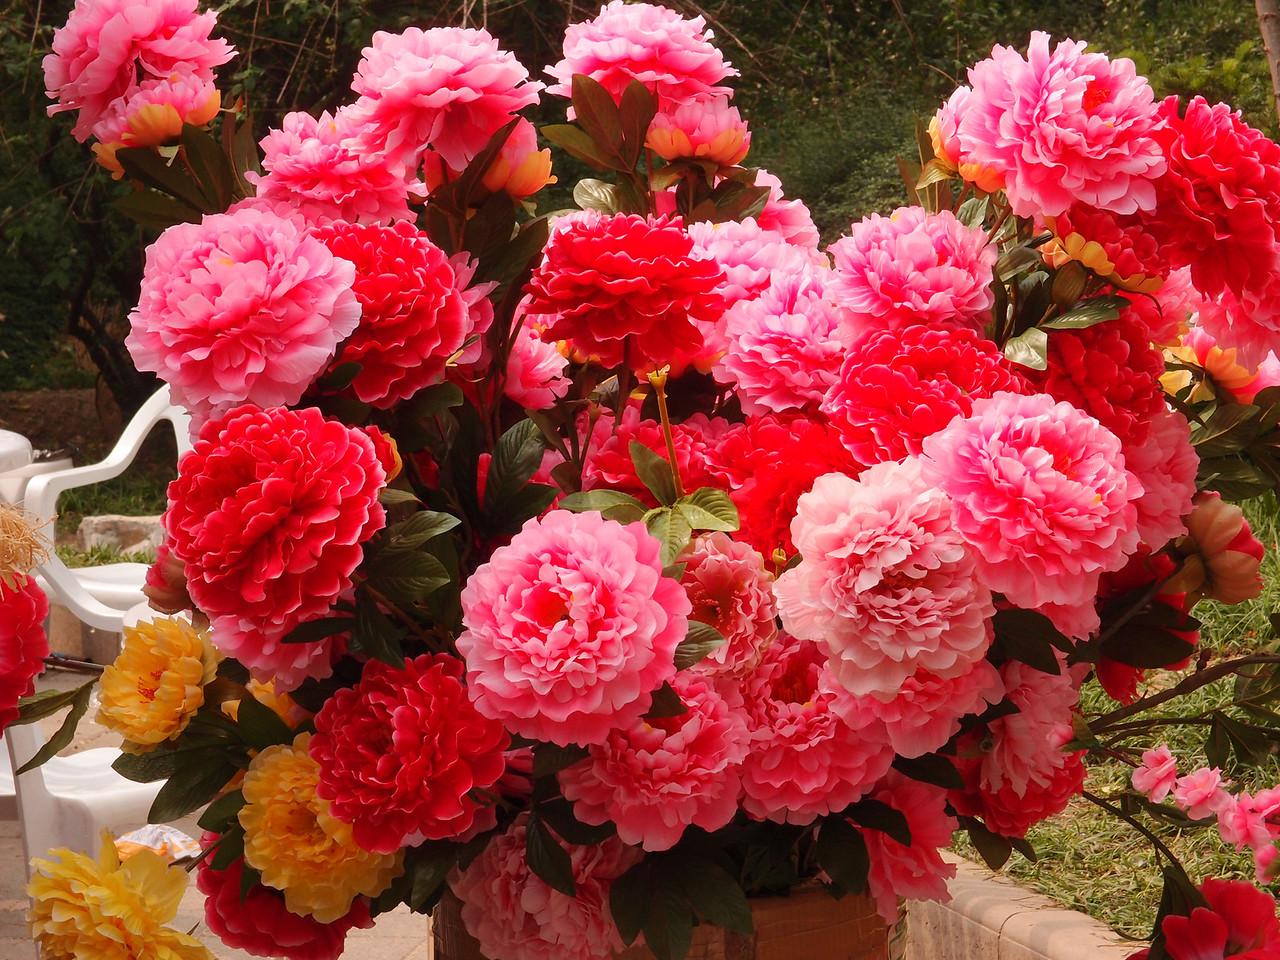 20120513_1426_0403 (plastic) peonies 北京植物园